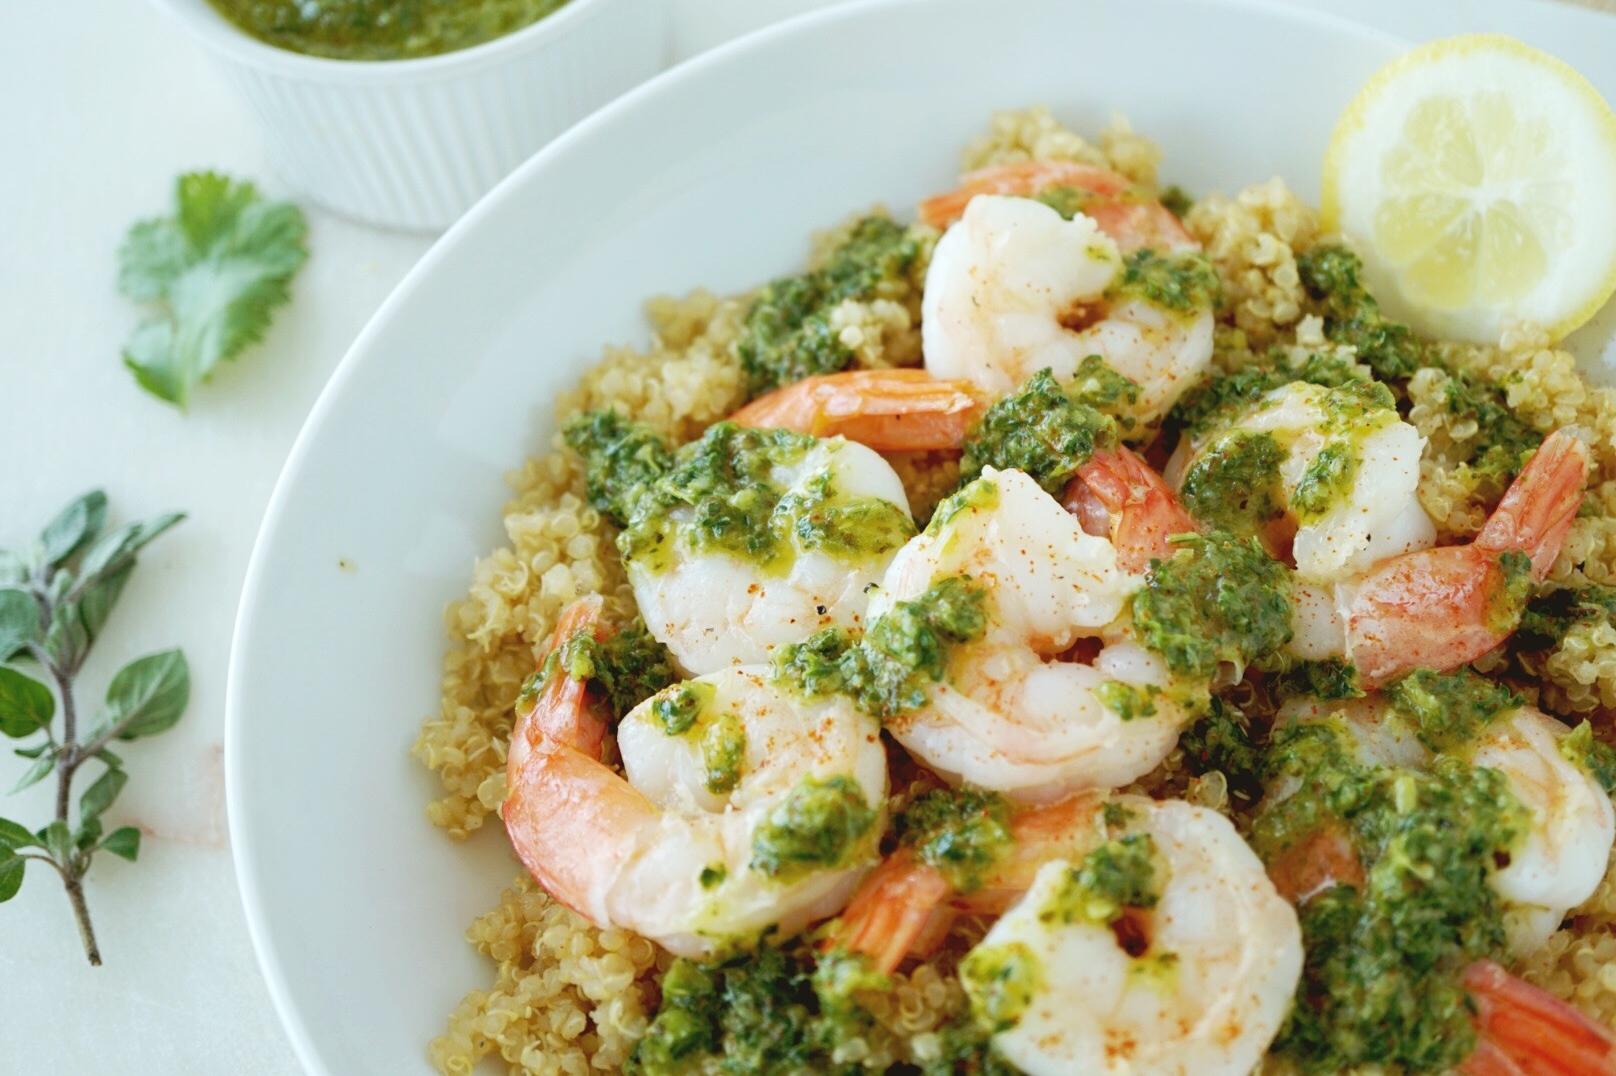 Chimichurri Shrimp With Quinoa